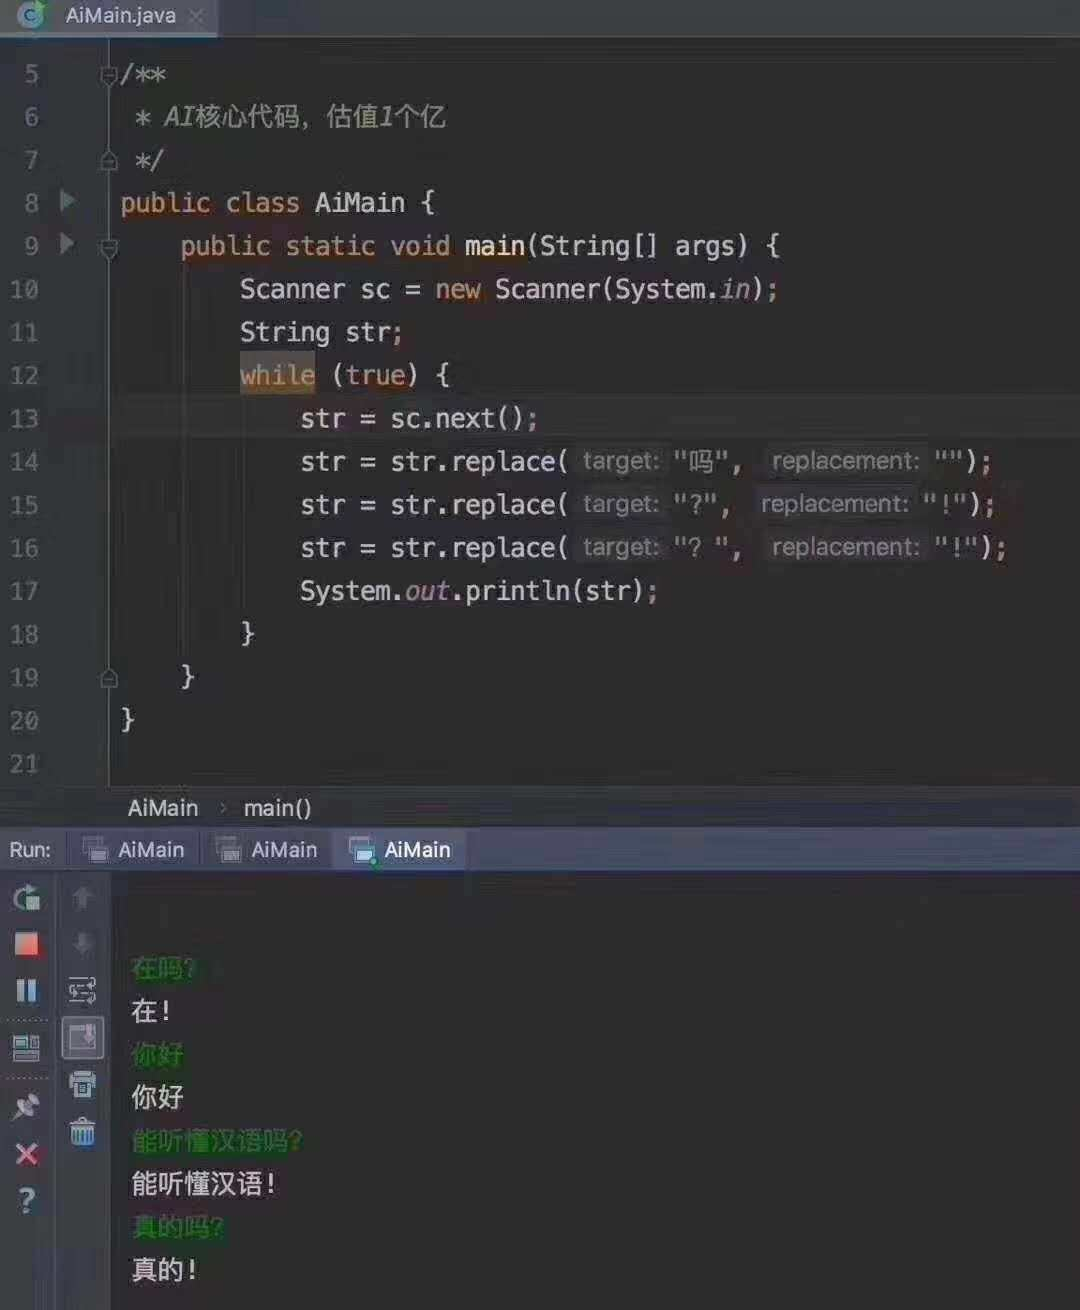 核心AI代码